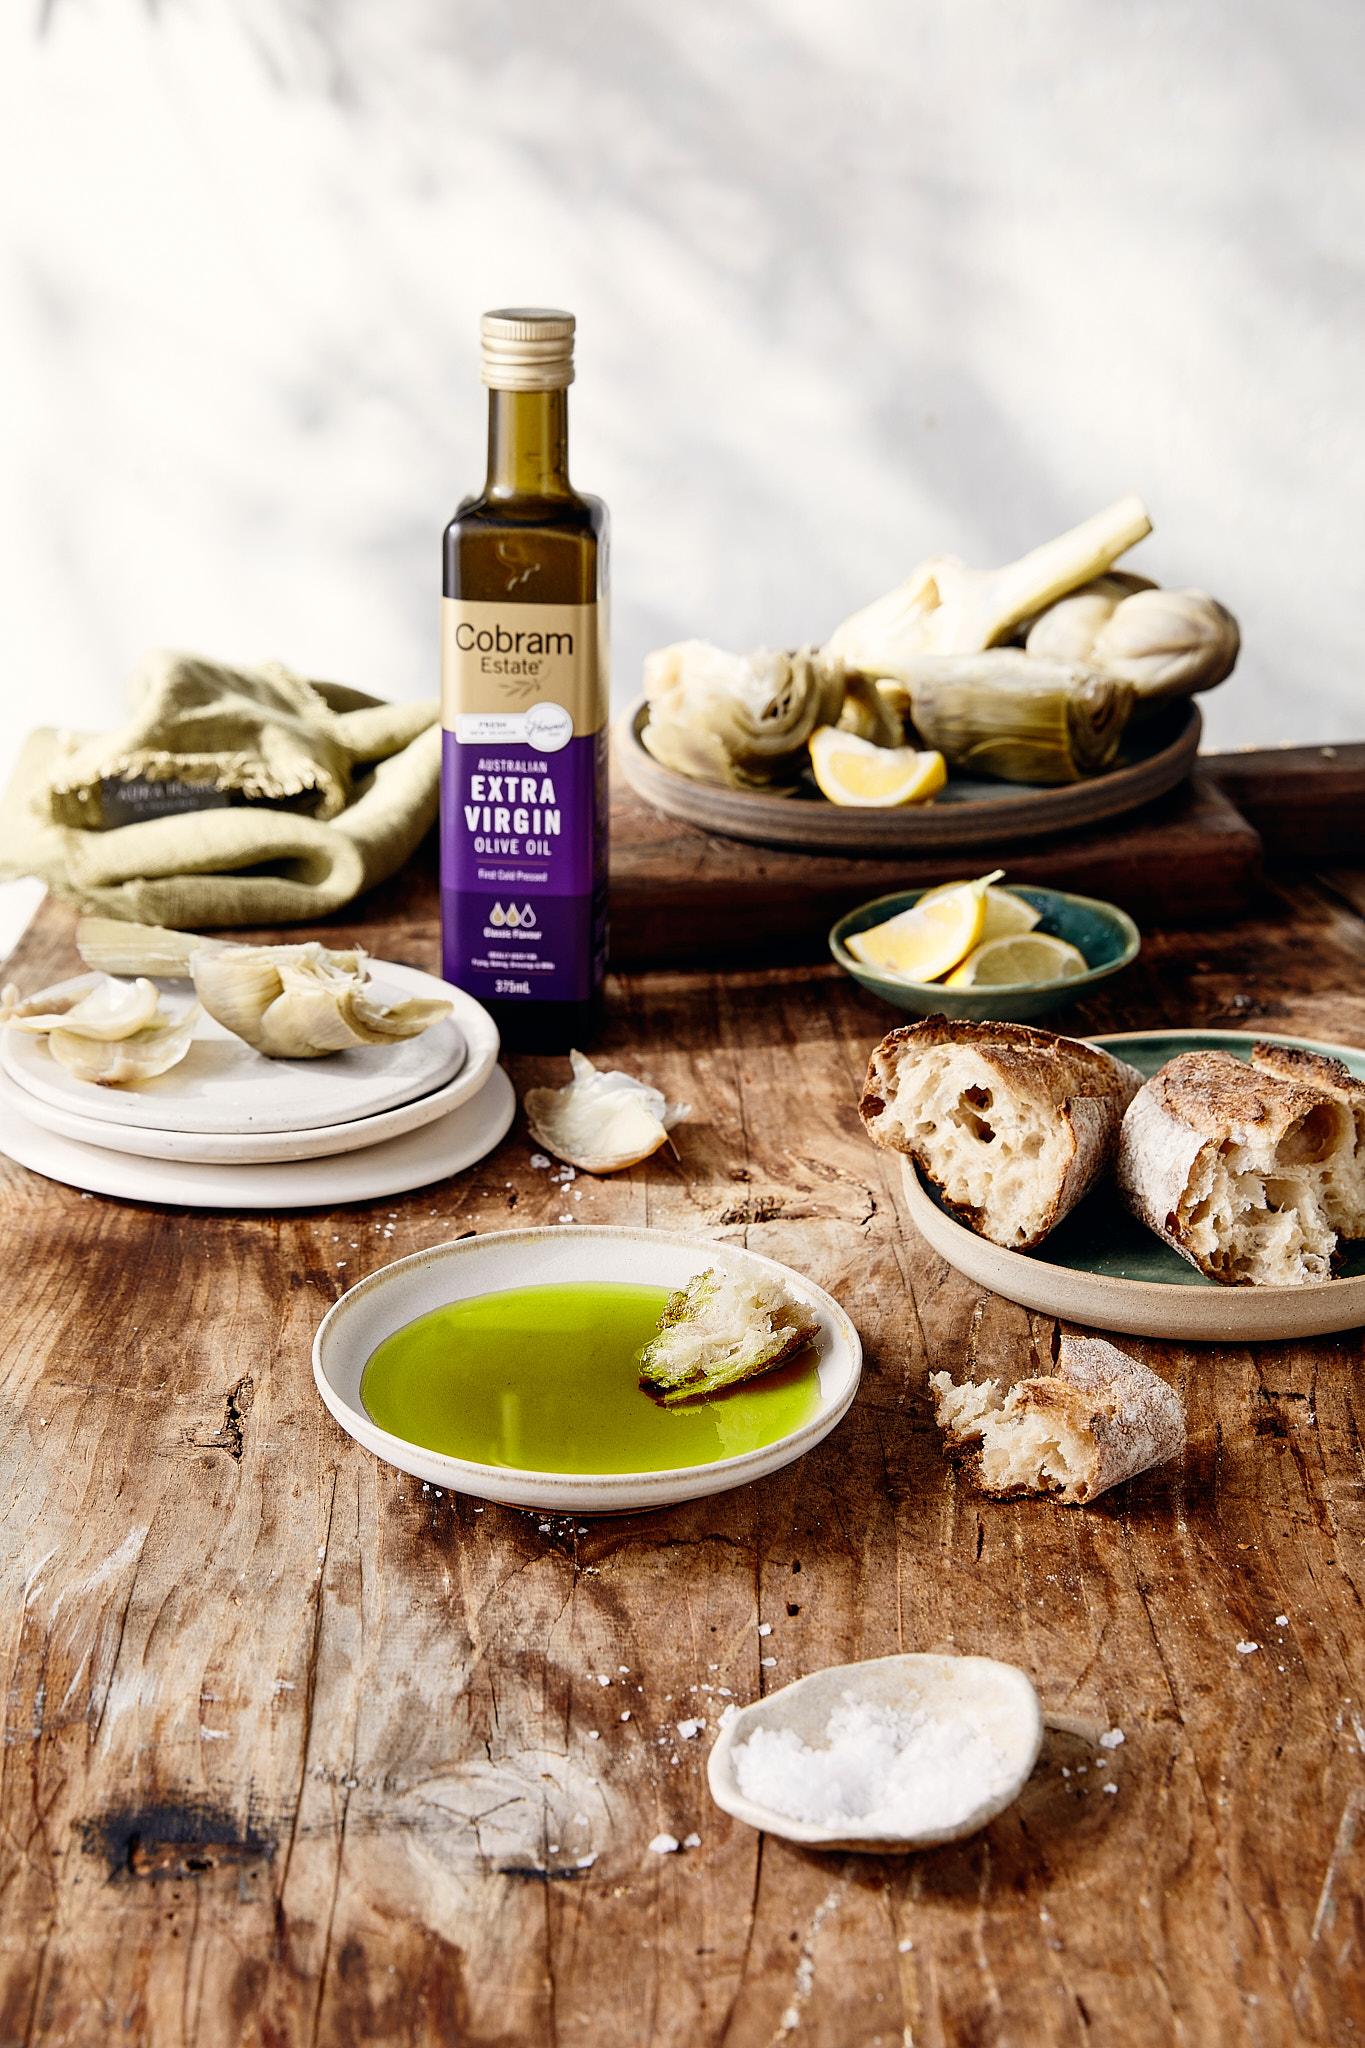 Cobram Extra virgin olive oil in bowl bread